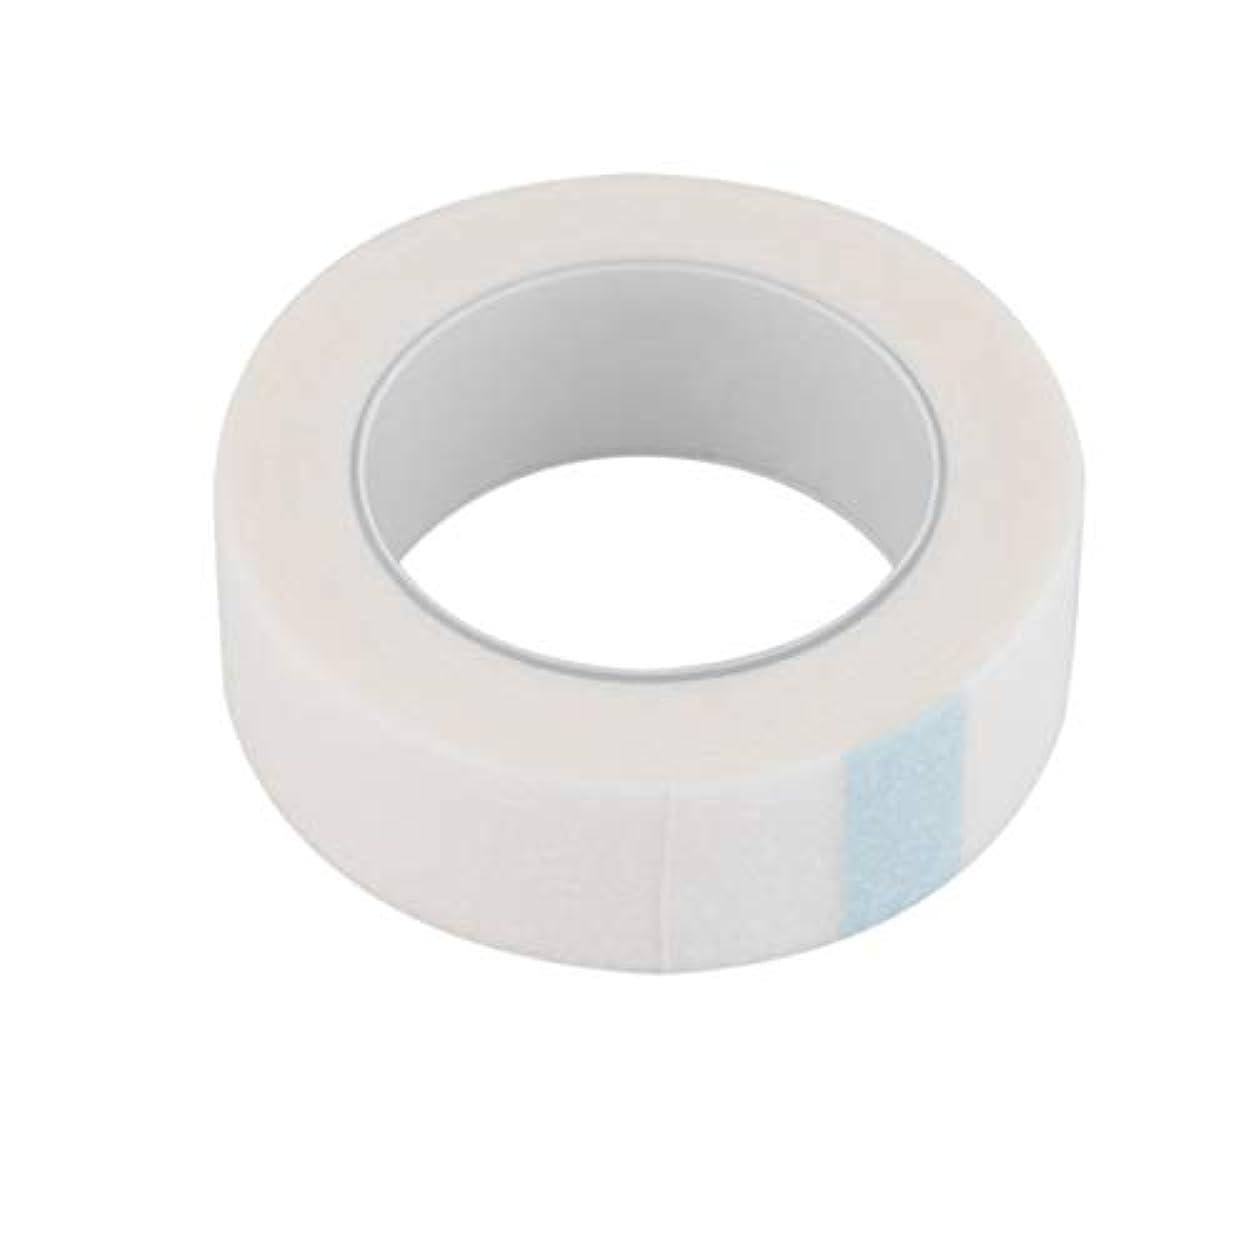 神気づくまだIntercorey 1ロール個々のまつげエクステンションツール供給医療テープ医療まつげエクステンションミクロ孔紙化粧